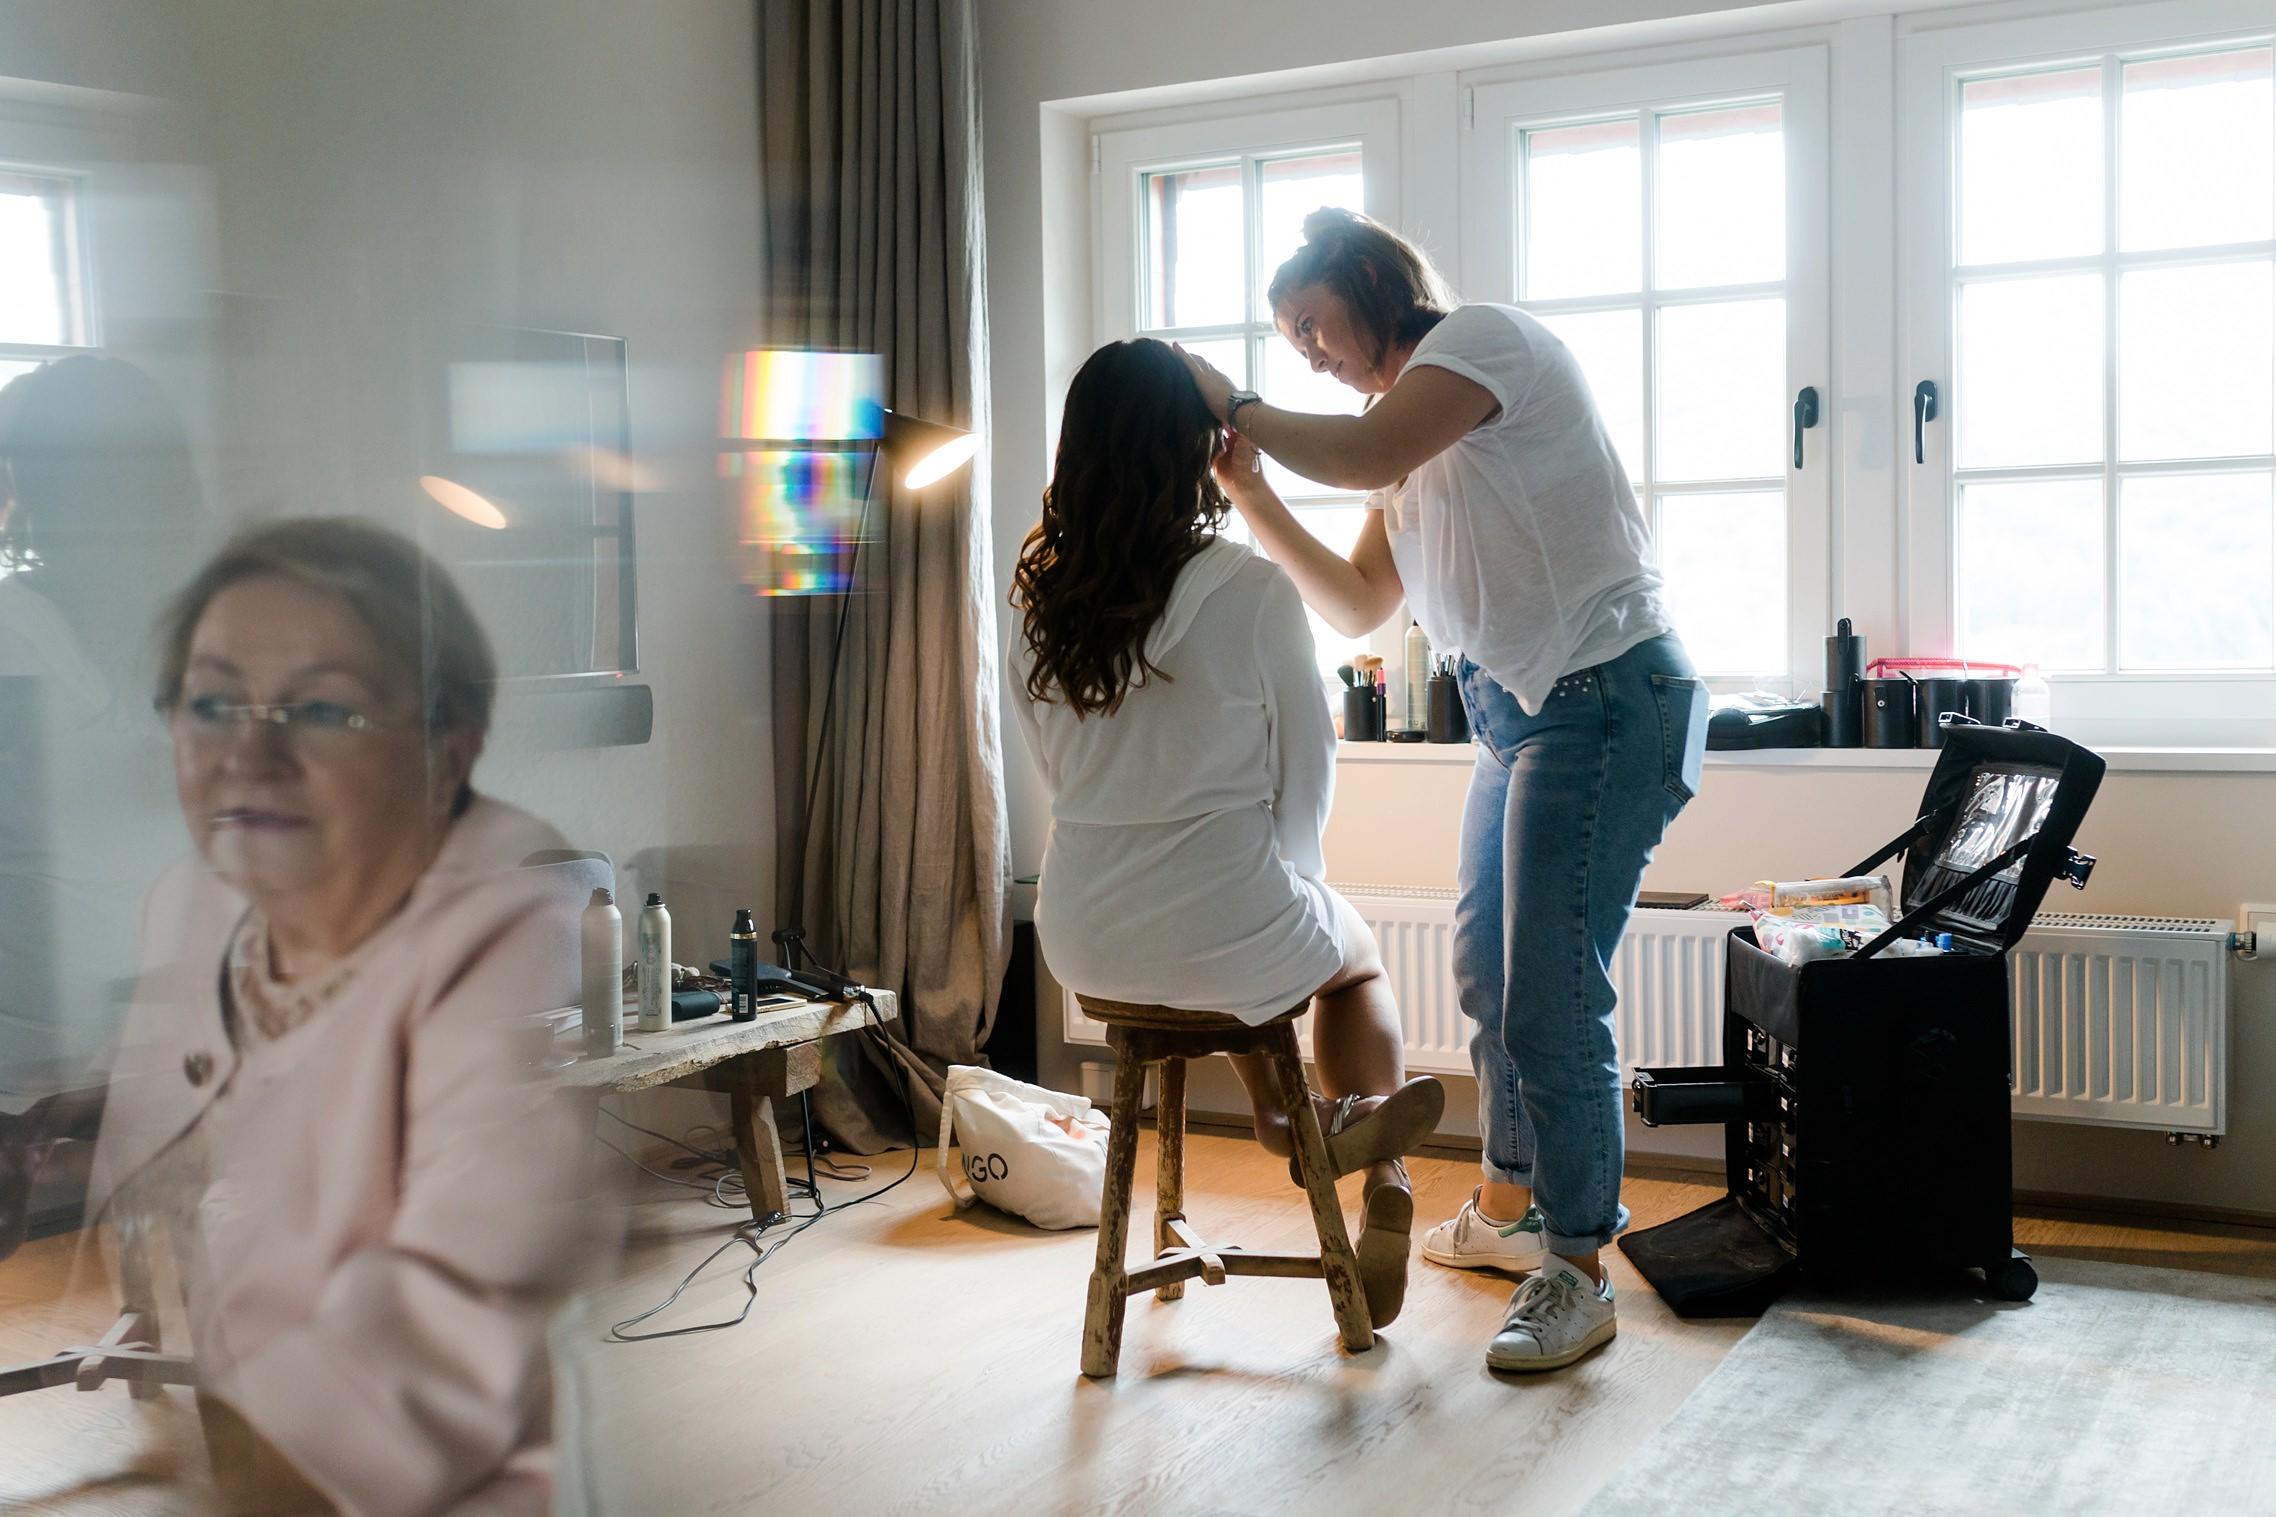 Die Braut wird von einer Verwandten beim Getting Ready beobachtet. Aufnahme mit Spiegeleffekt.